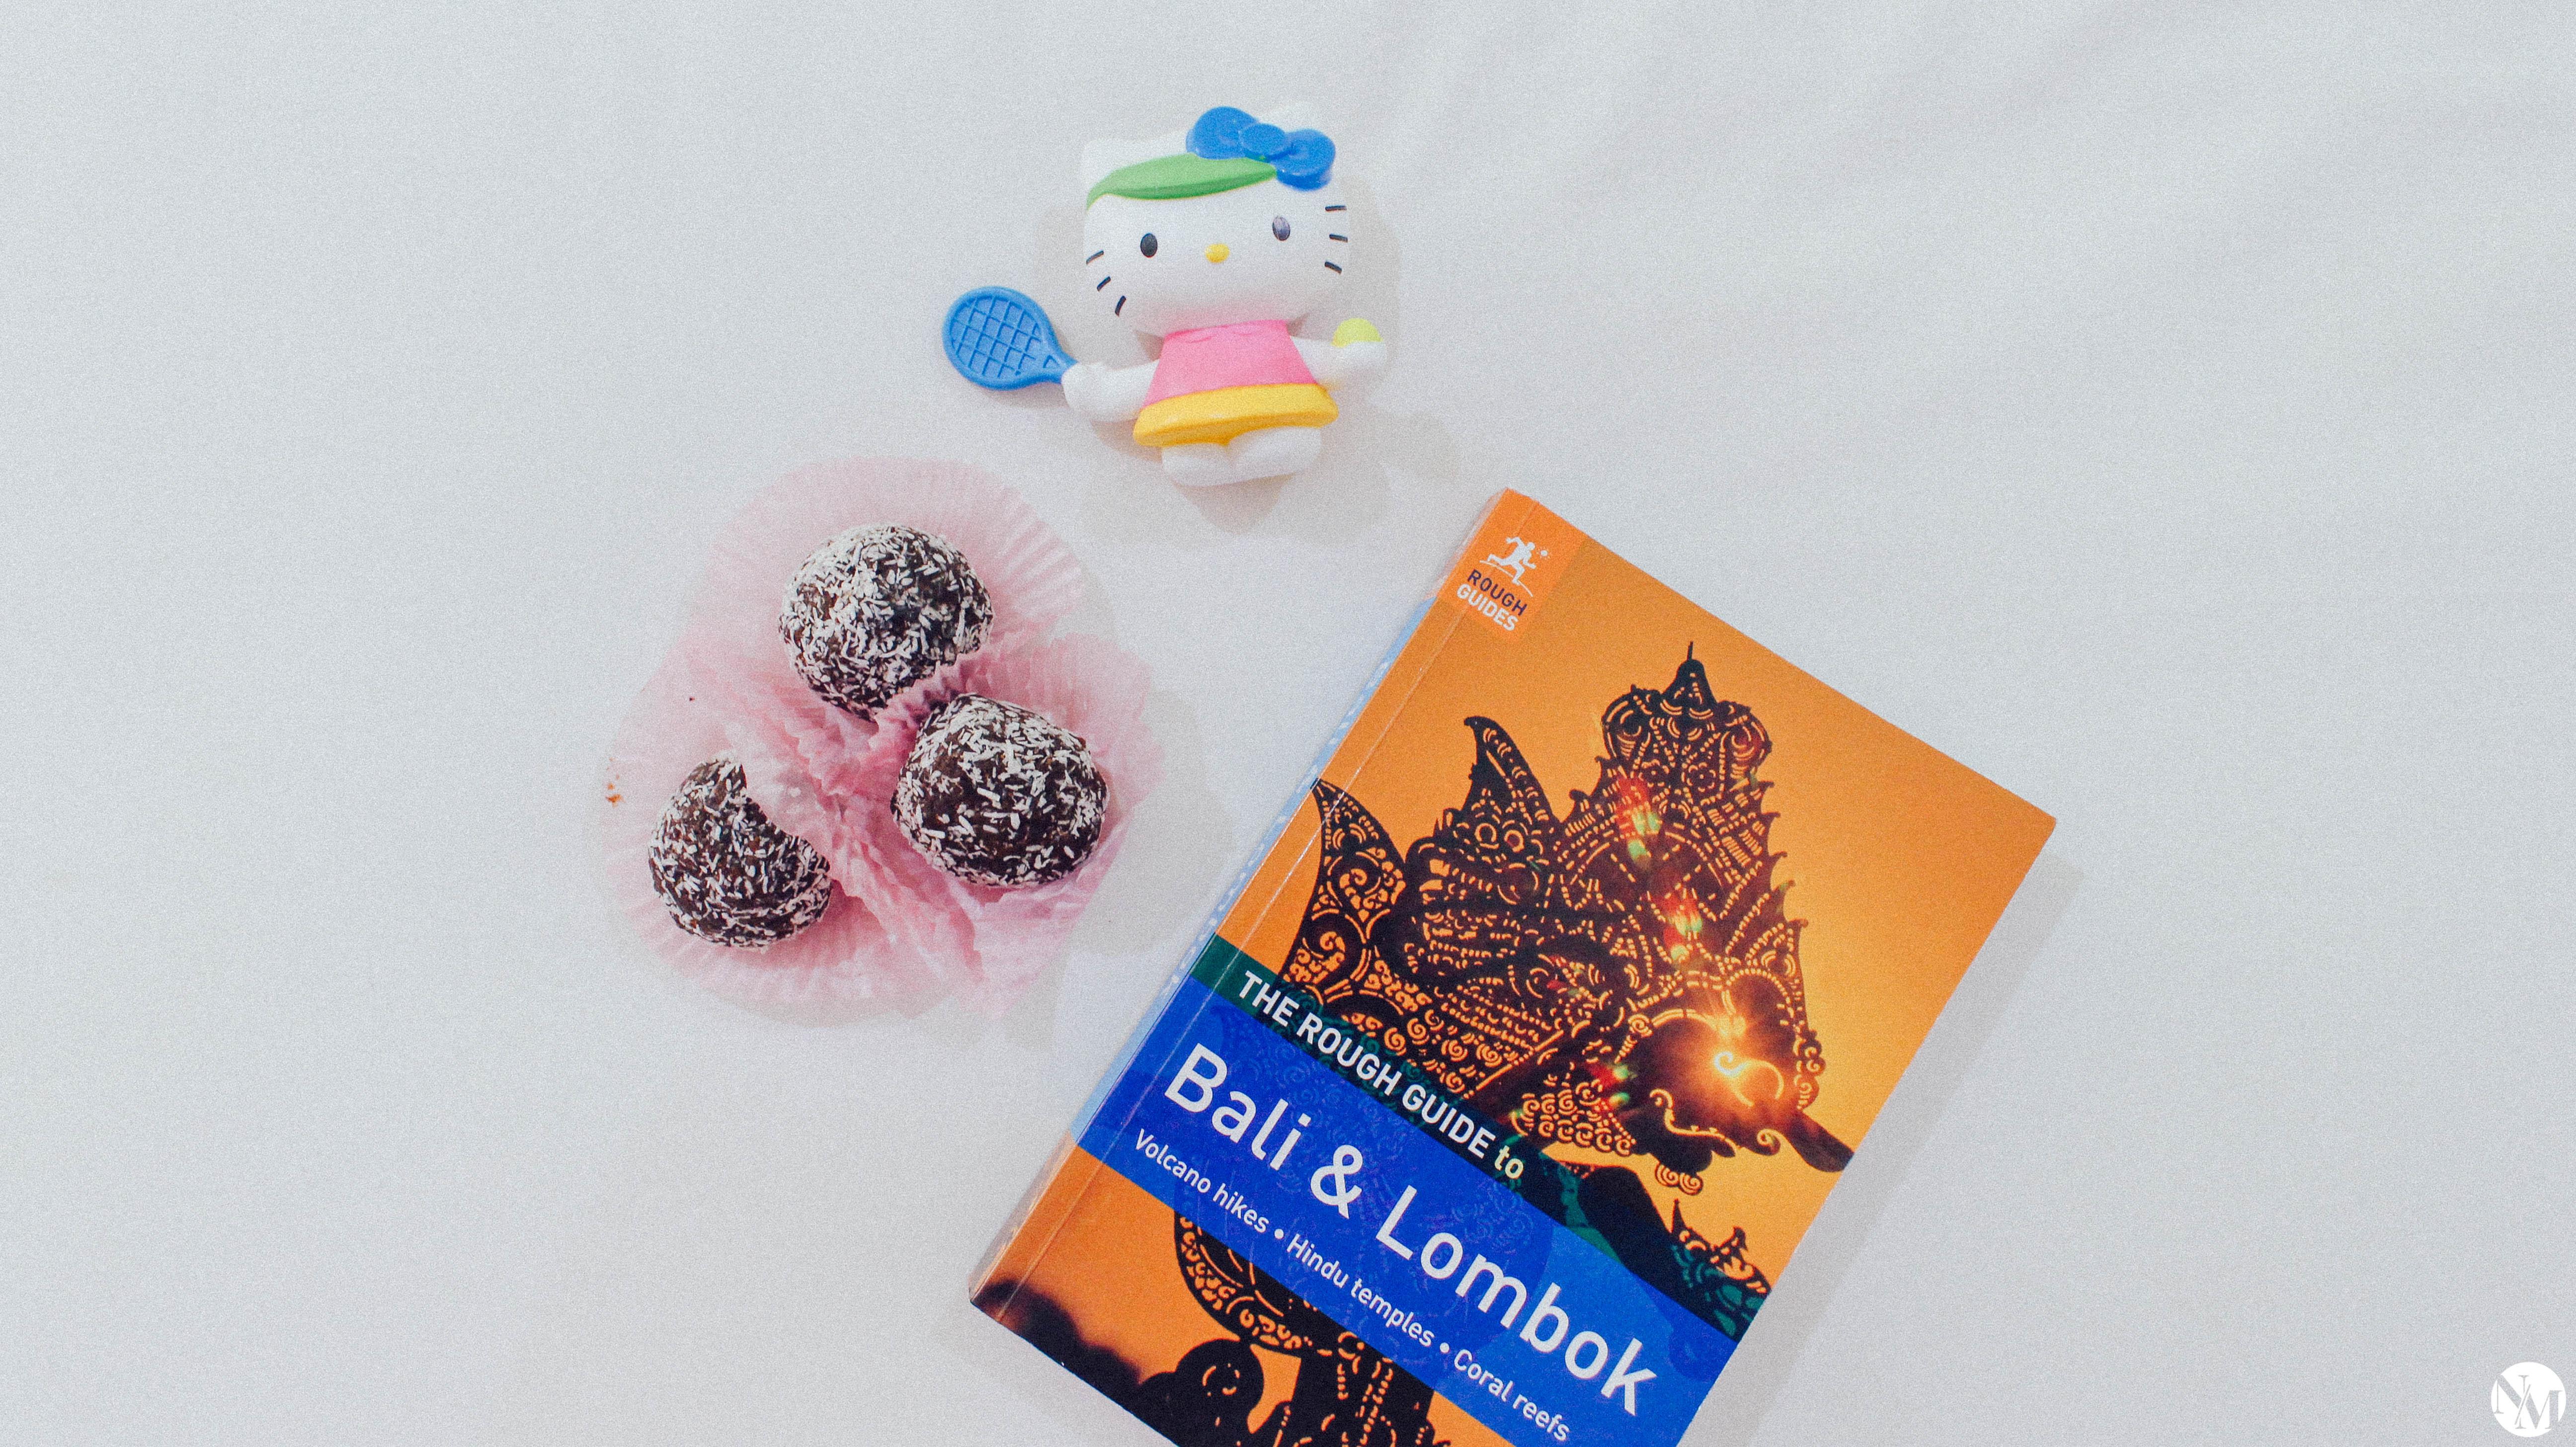 Canggu Bali Travel Guide by Noni May-26